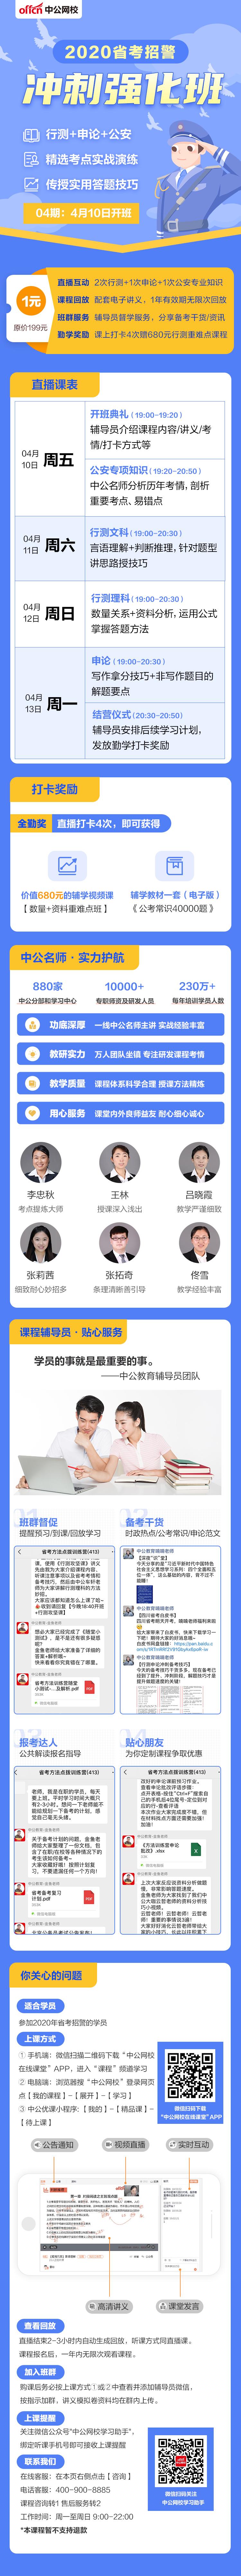 2020省考招警冲刺强化班详情--网校.jpg